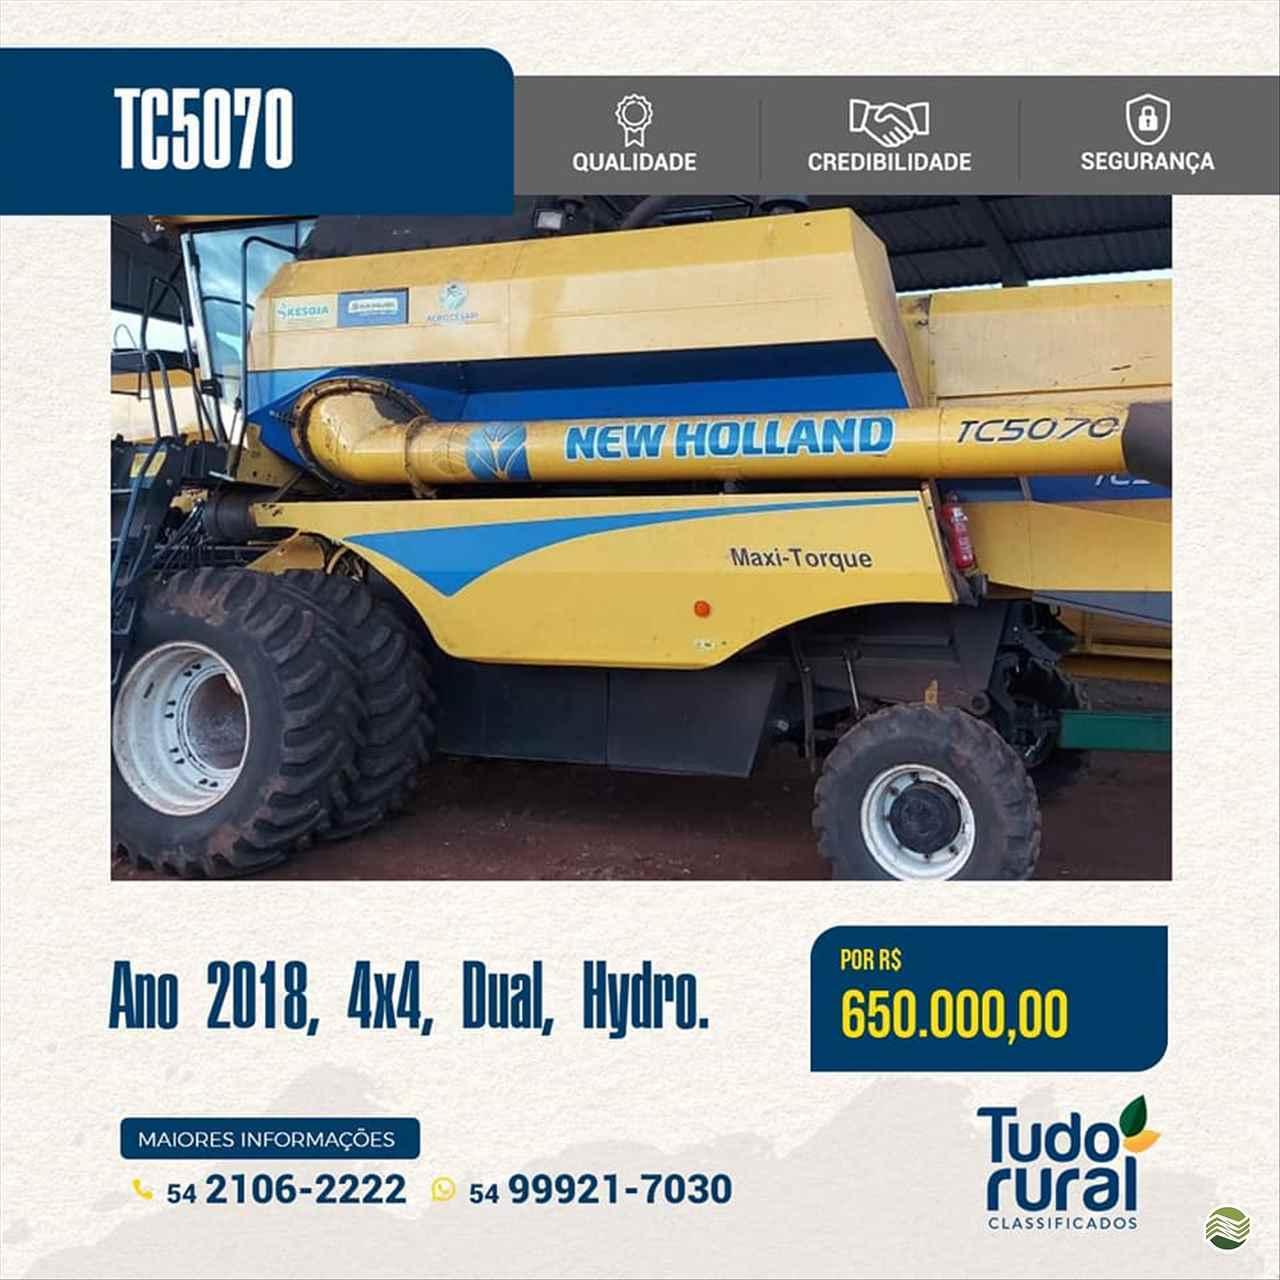 COLHEITADEIRA NEW HOLLAND TC 5070 Ke Soja - New Holland ERECHIM RIO GRANDE DO SUL RS